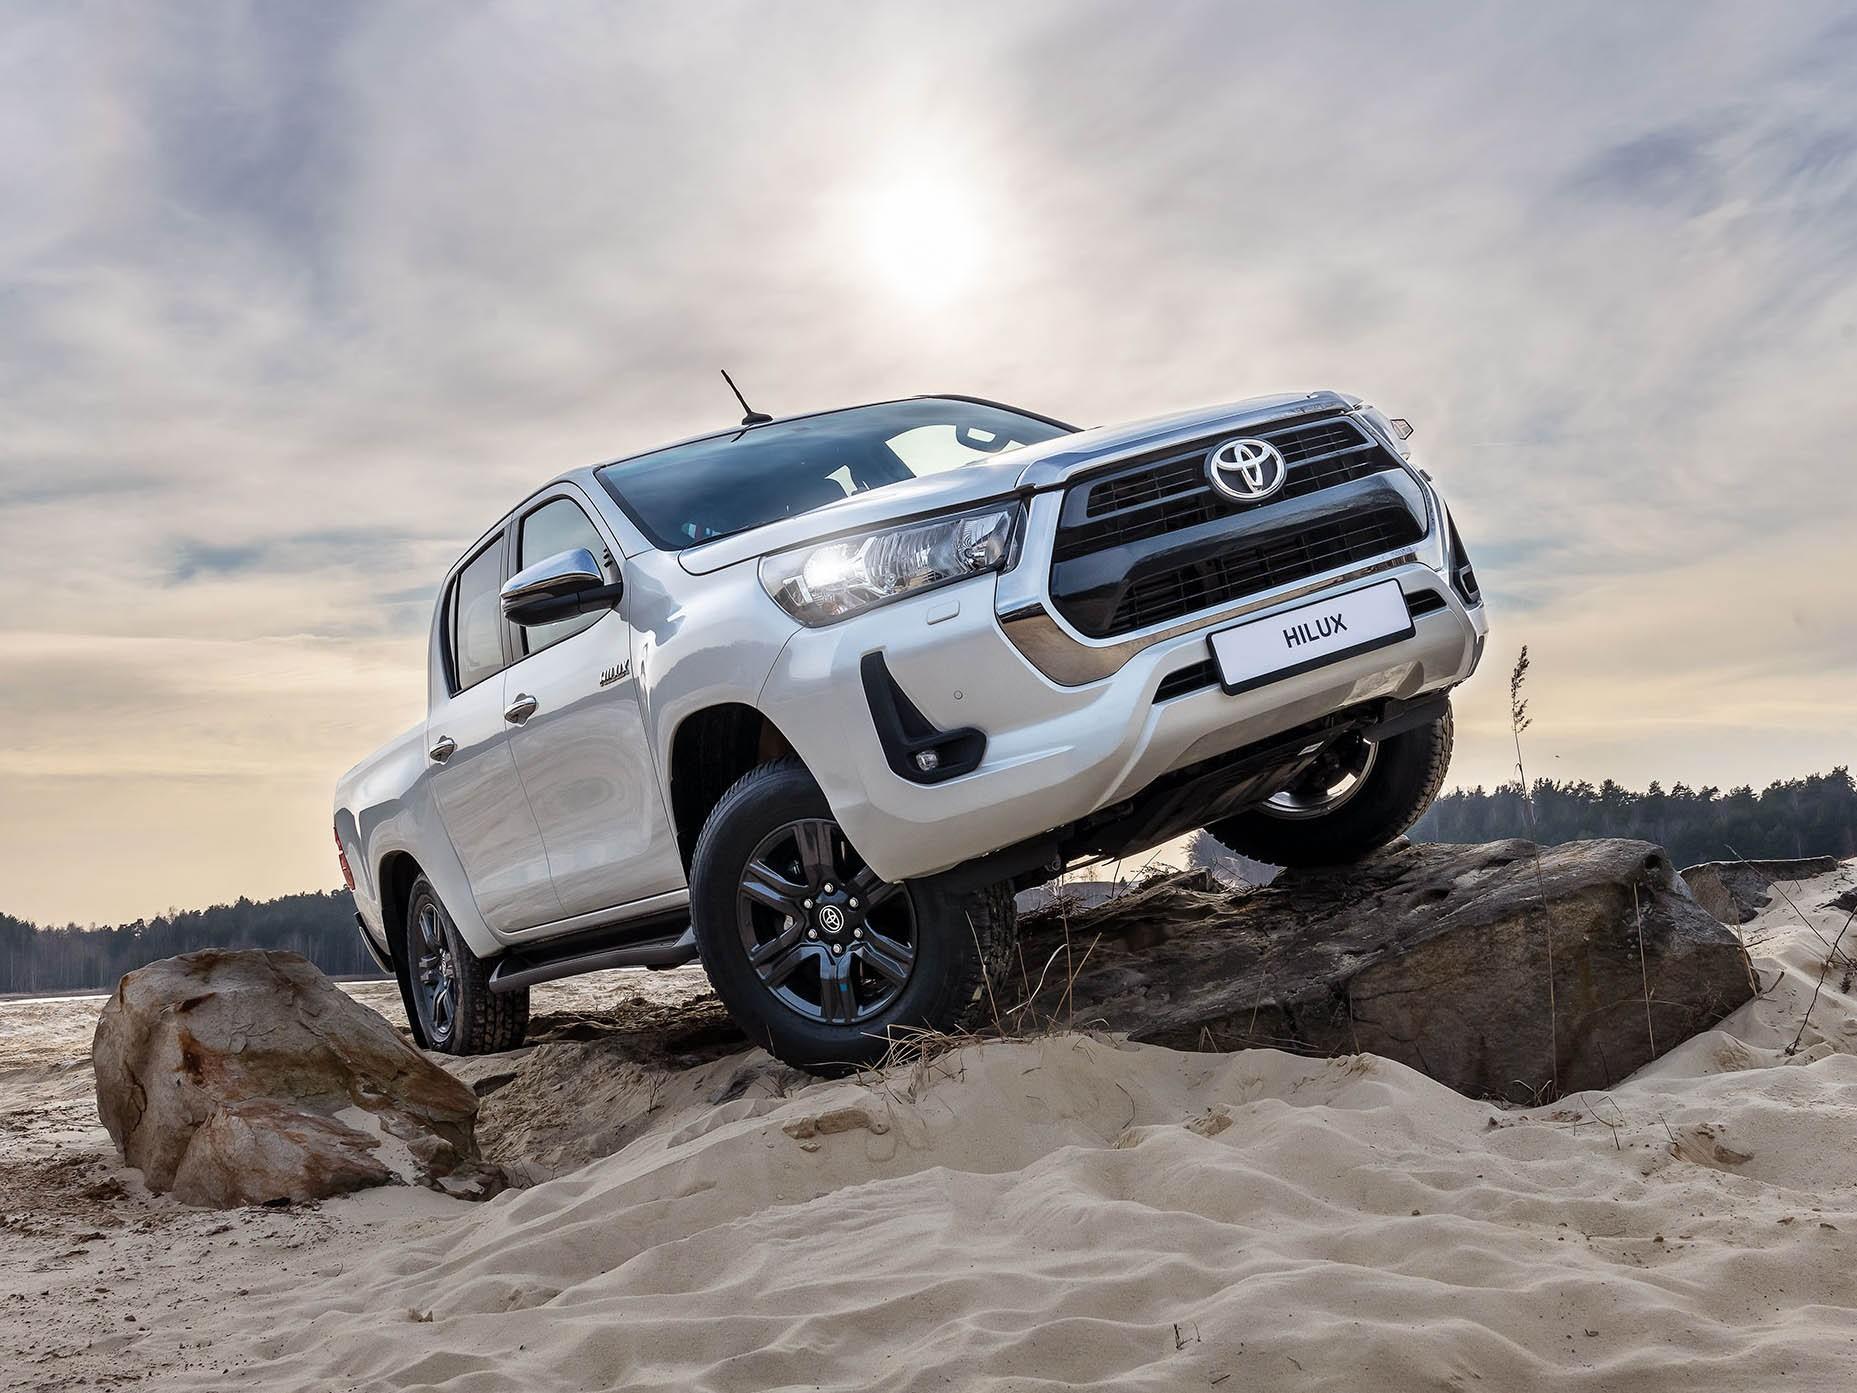 Toyota зафиксировала высокий спрос на обновлённые Hilux и Fortuner в России